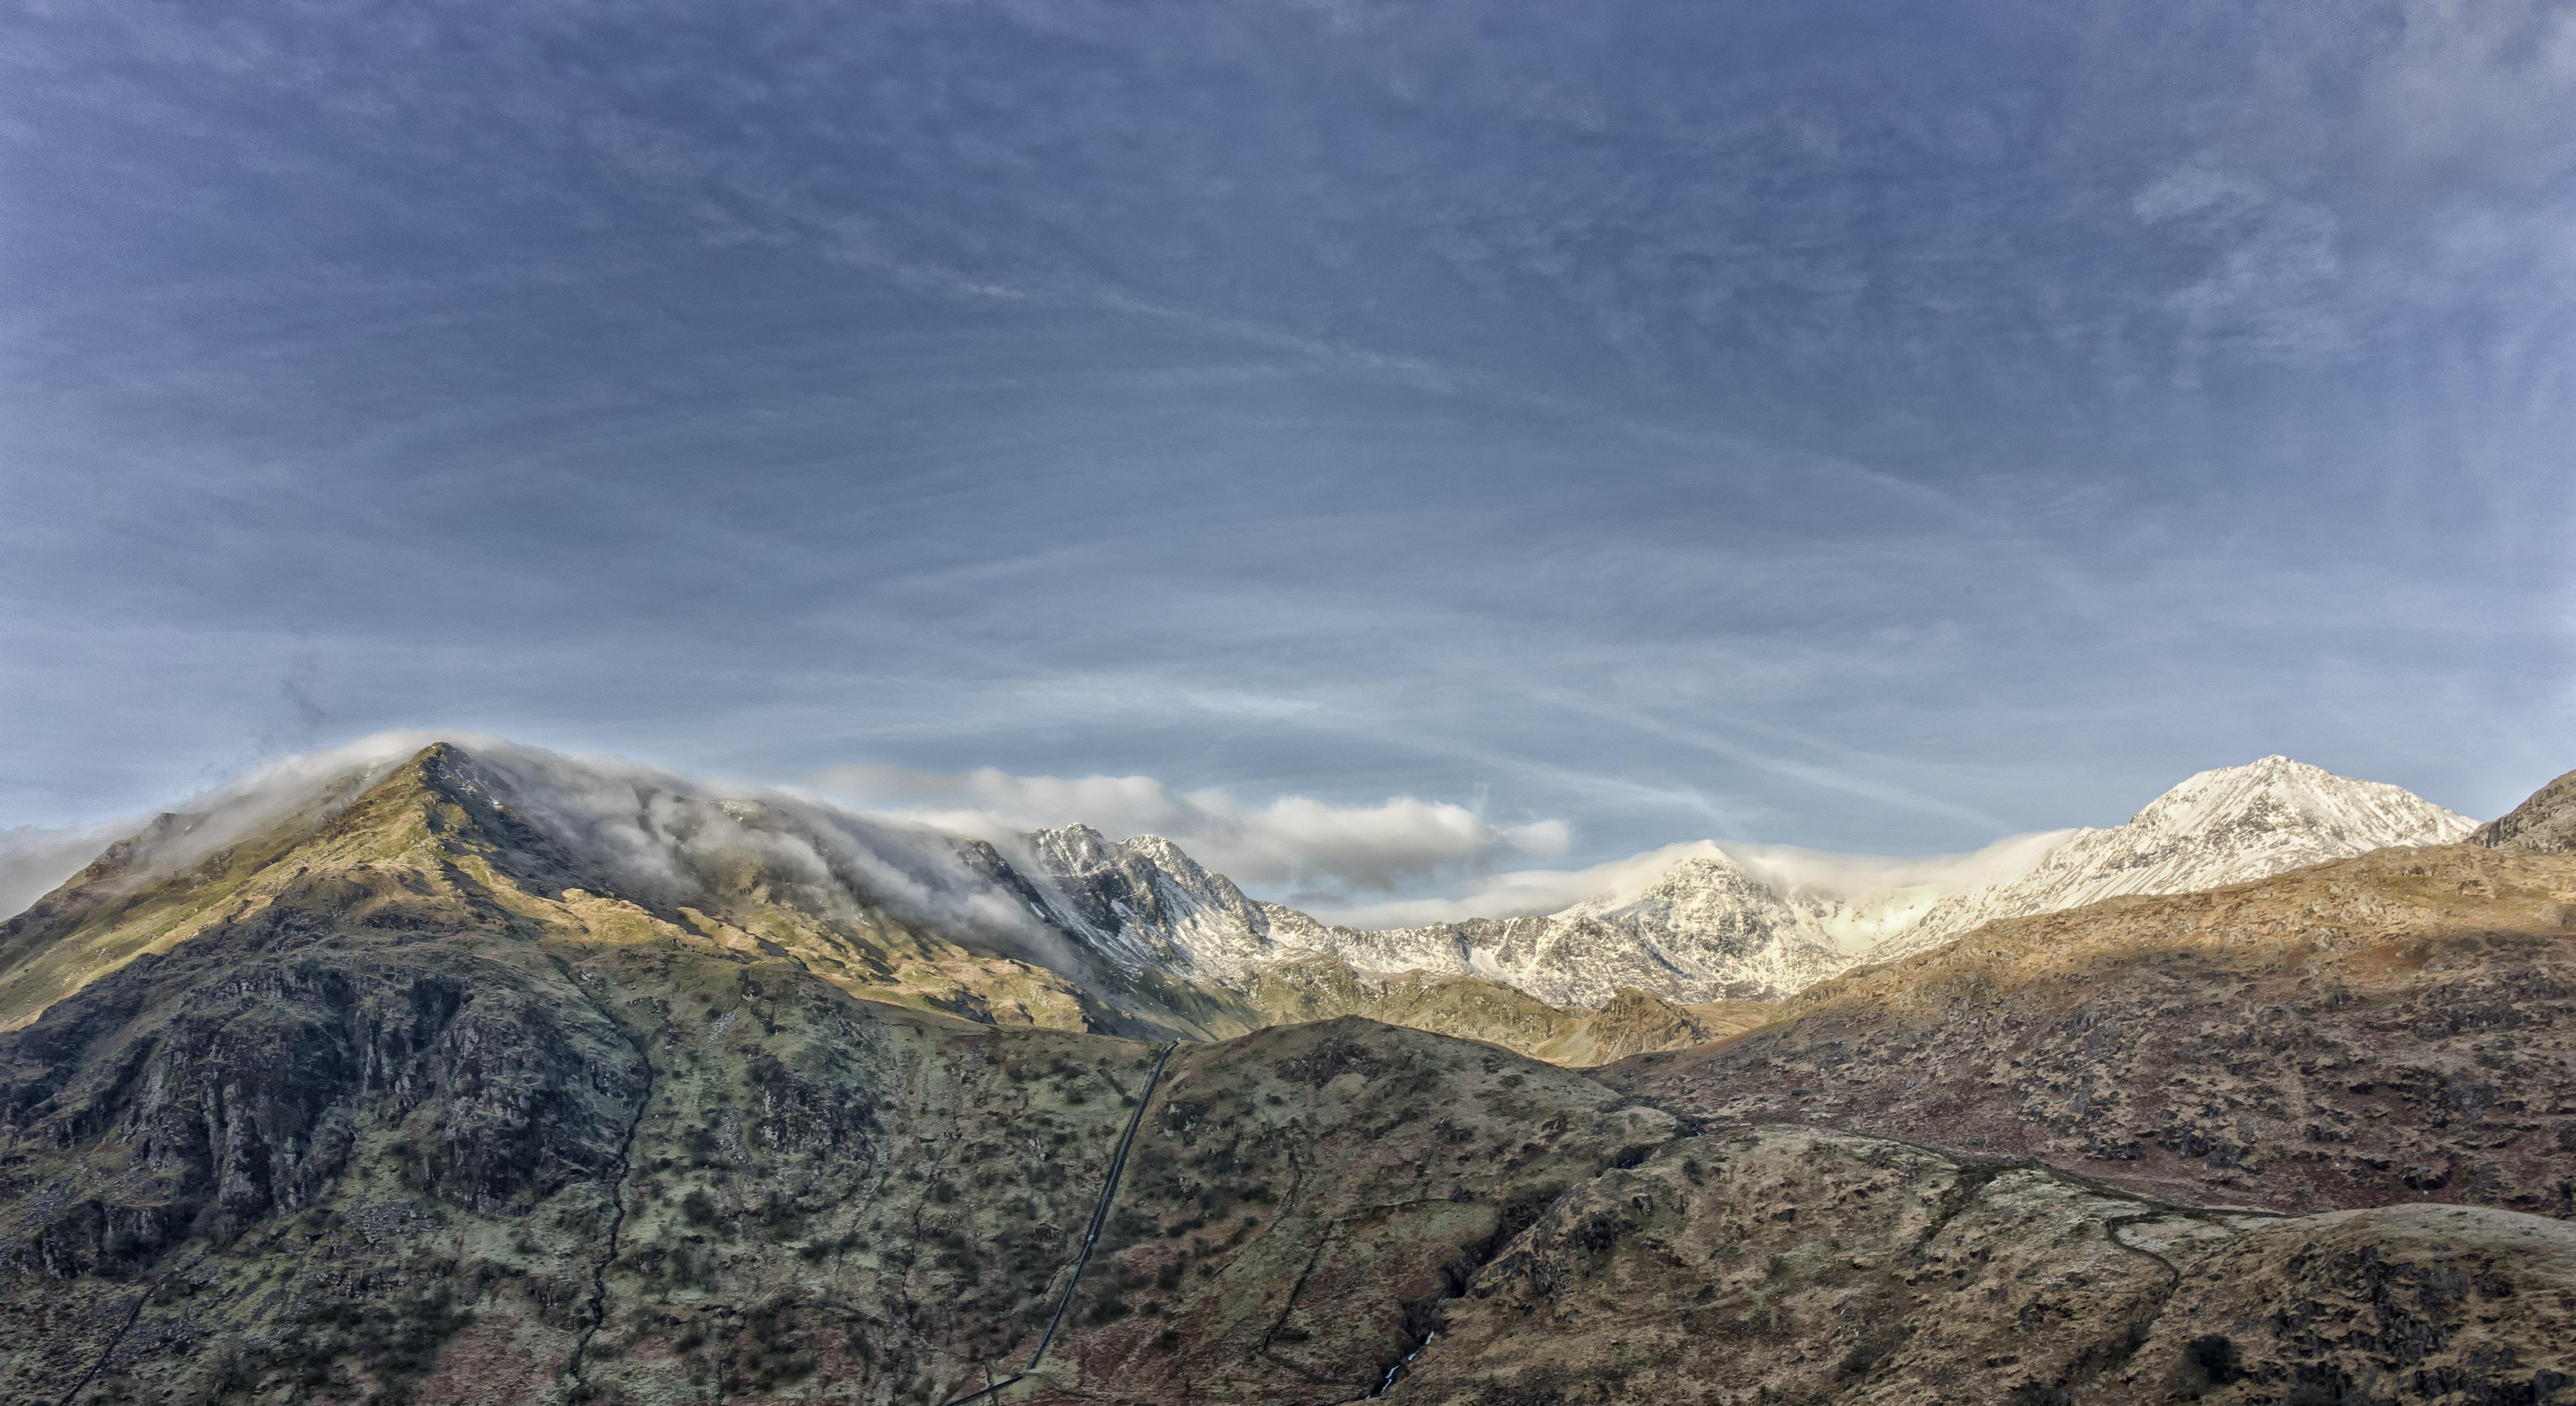 Fotografías de Snowdon - 4927x2690